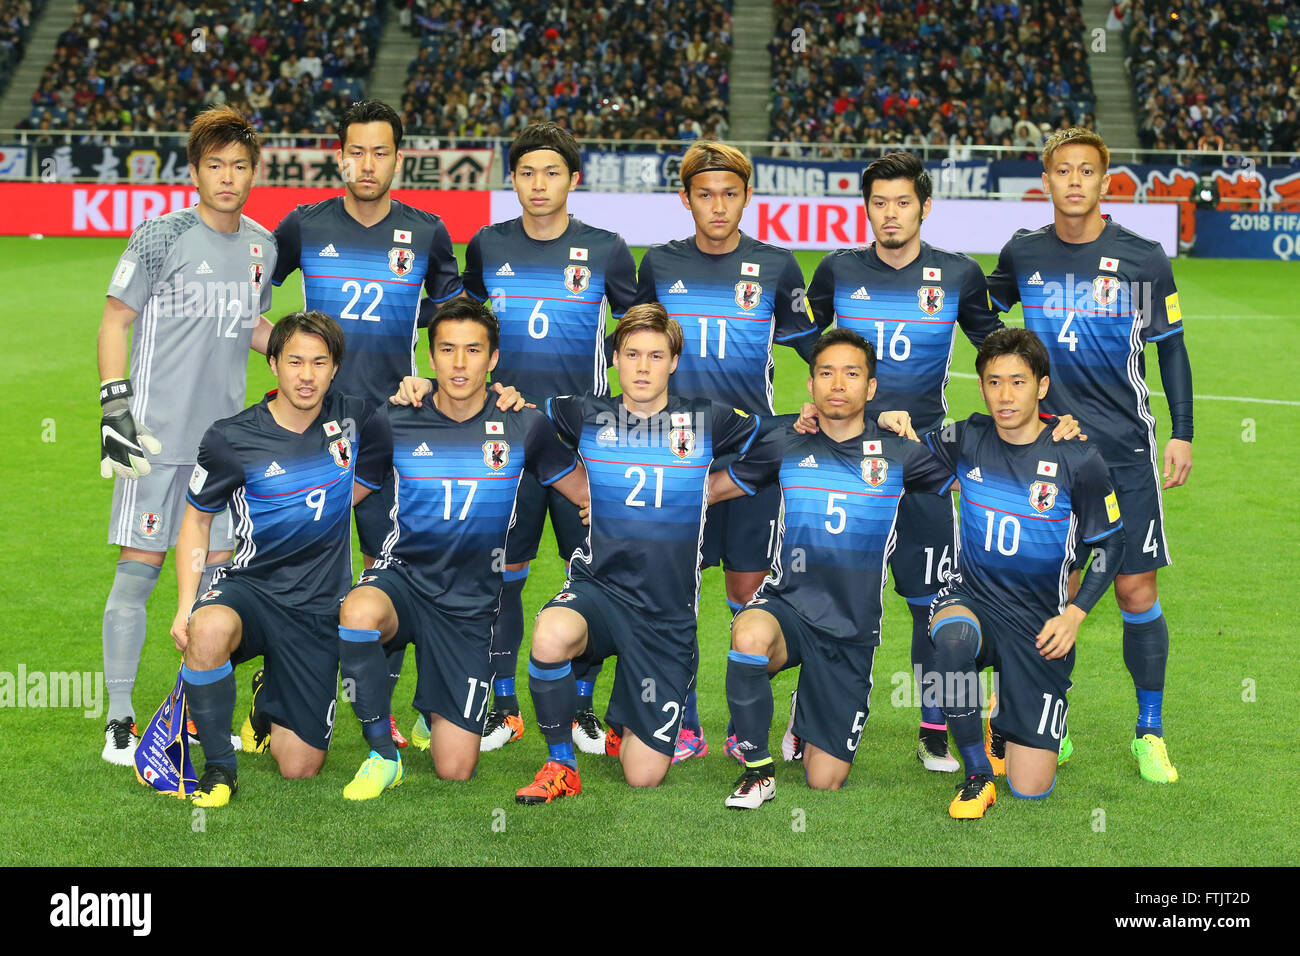 Japan Team Group Line Up Jpn March Imágenes De Stock   Japan Team ... 31d4a5ae09418